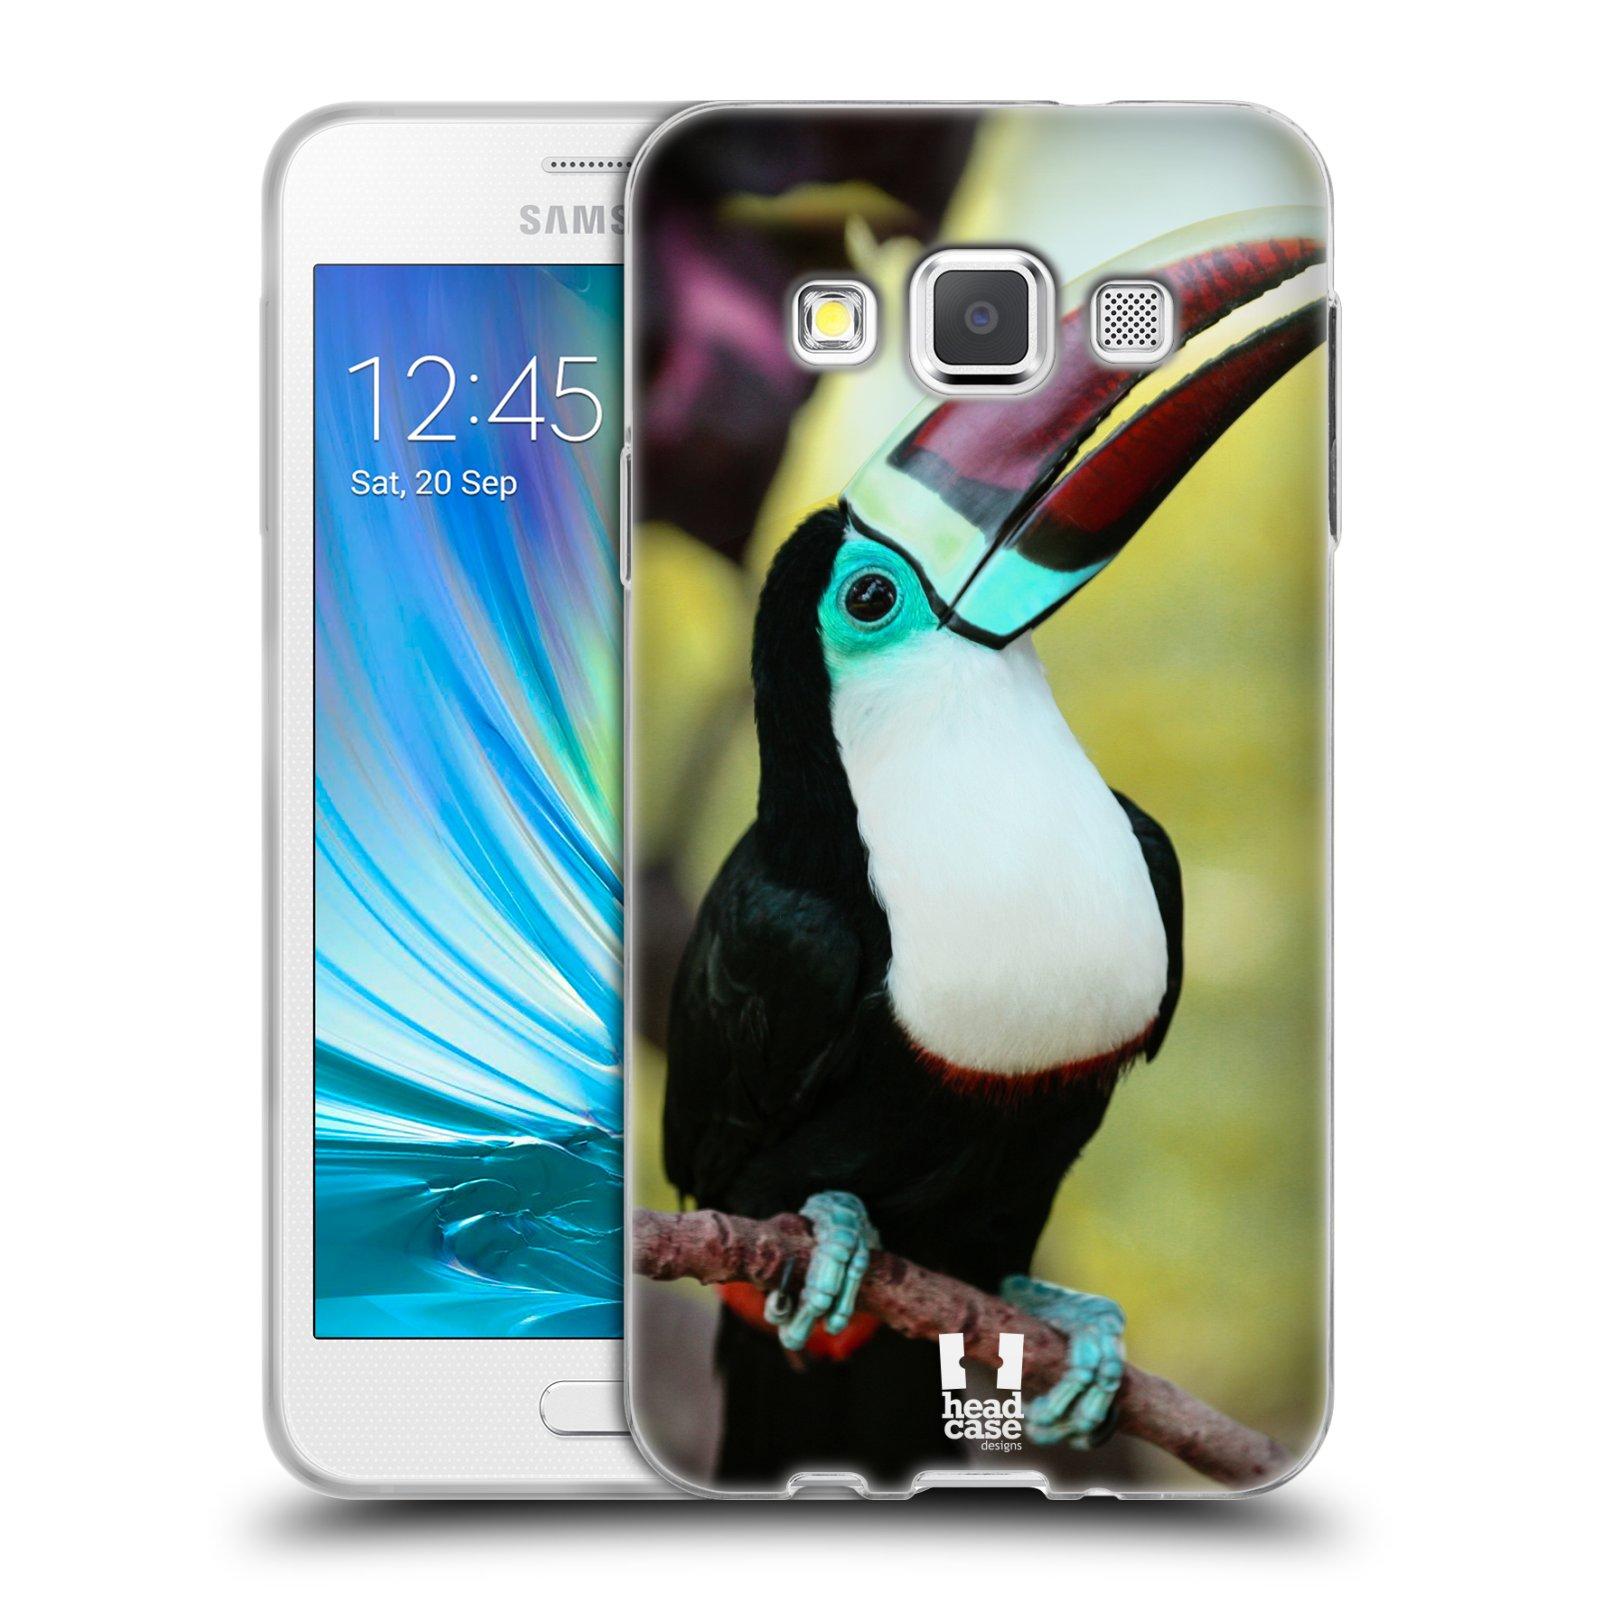 HEAD CASE silikonový obal na mobil Samsung Galaxy A3 vzor slavná zvířata foto tukan